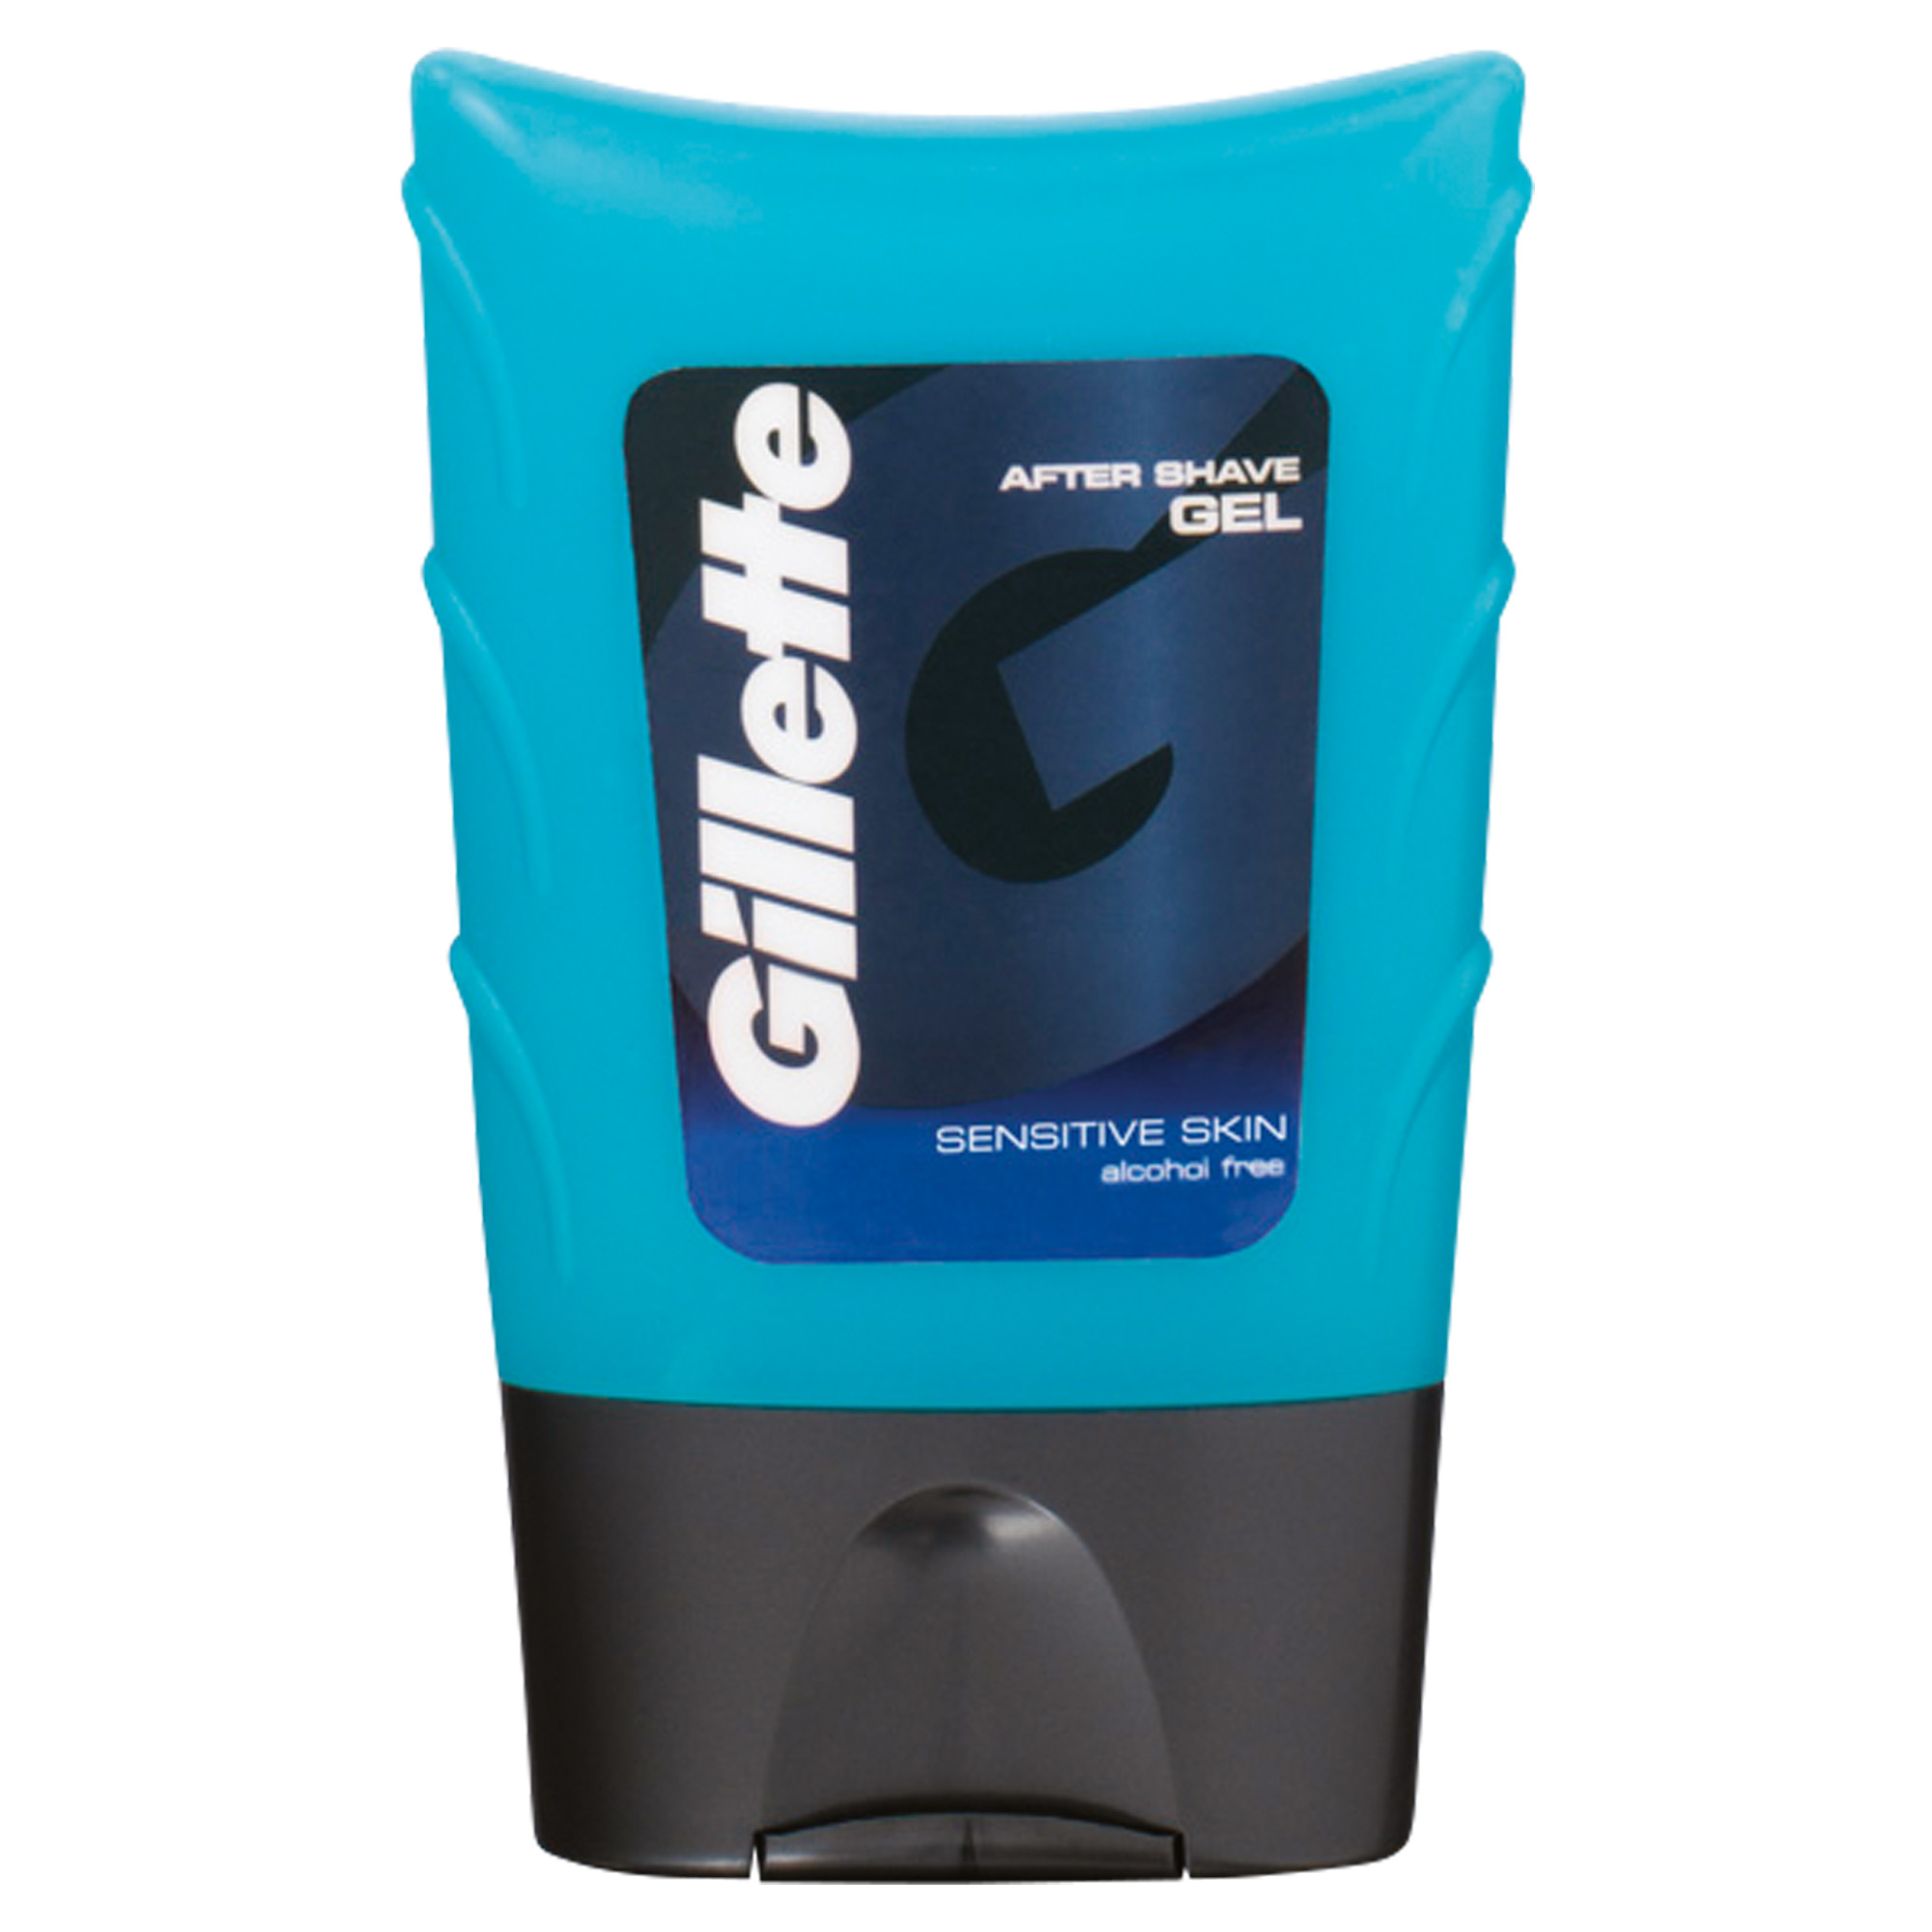 все цены на Gillette After Shave Gel for sensitive skin 75 ml. онлайн